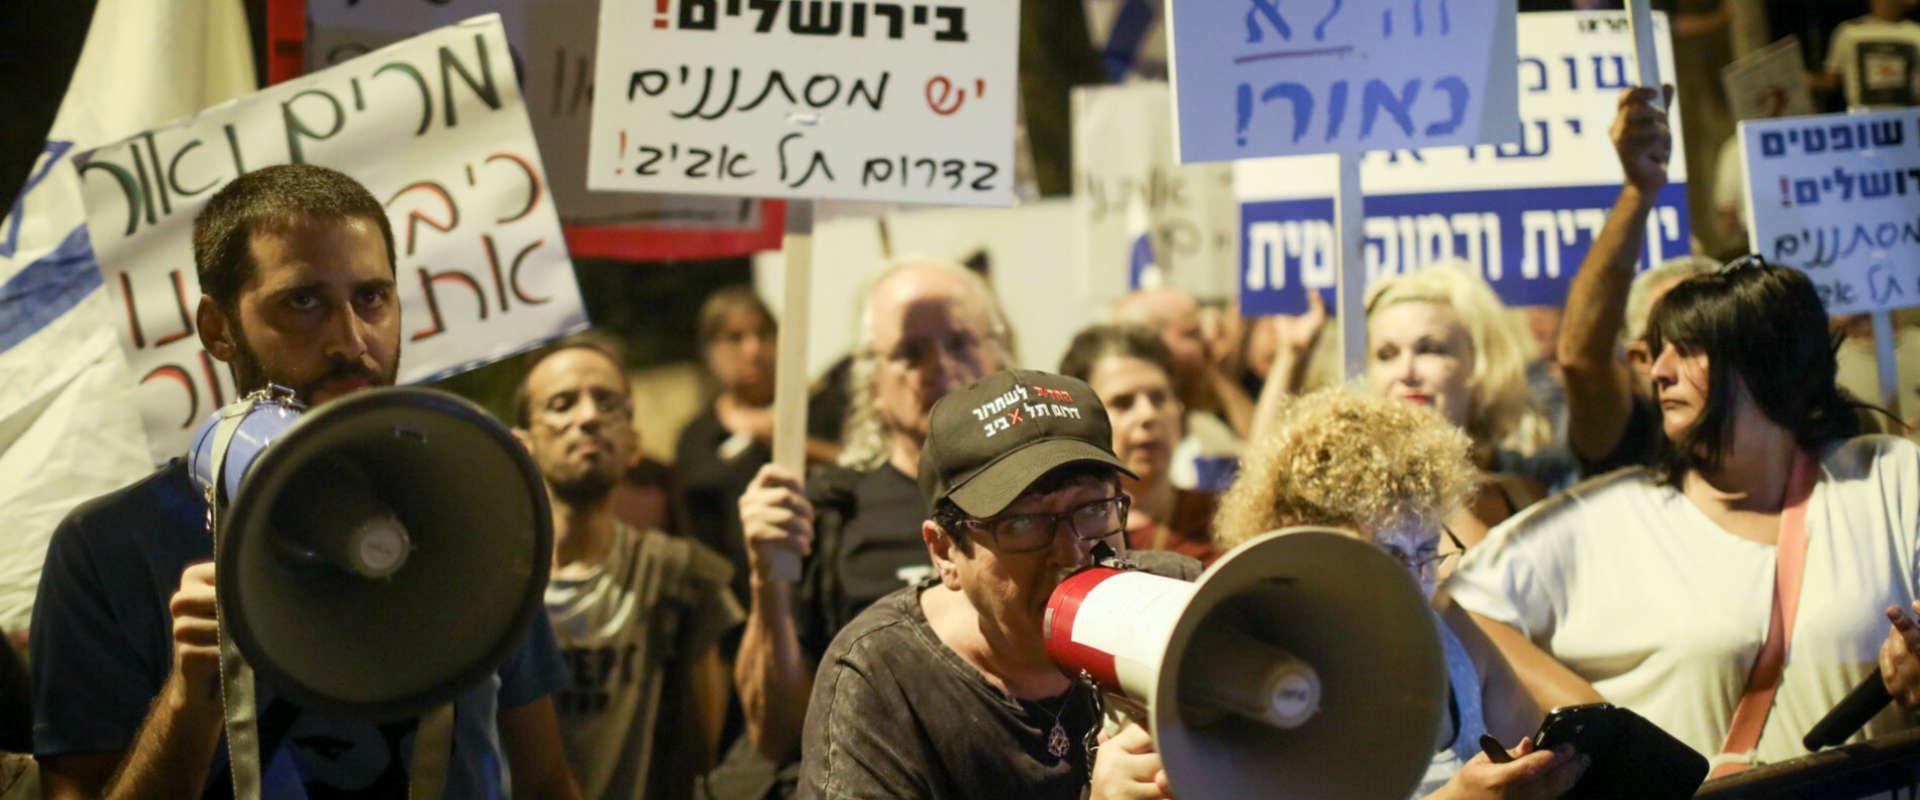 """מפגינים מול ביתה של נשיאת ביהמ""""ש העליון, הערב בי-ם"""